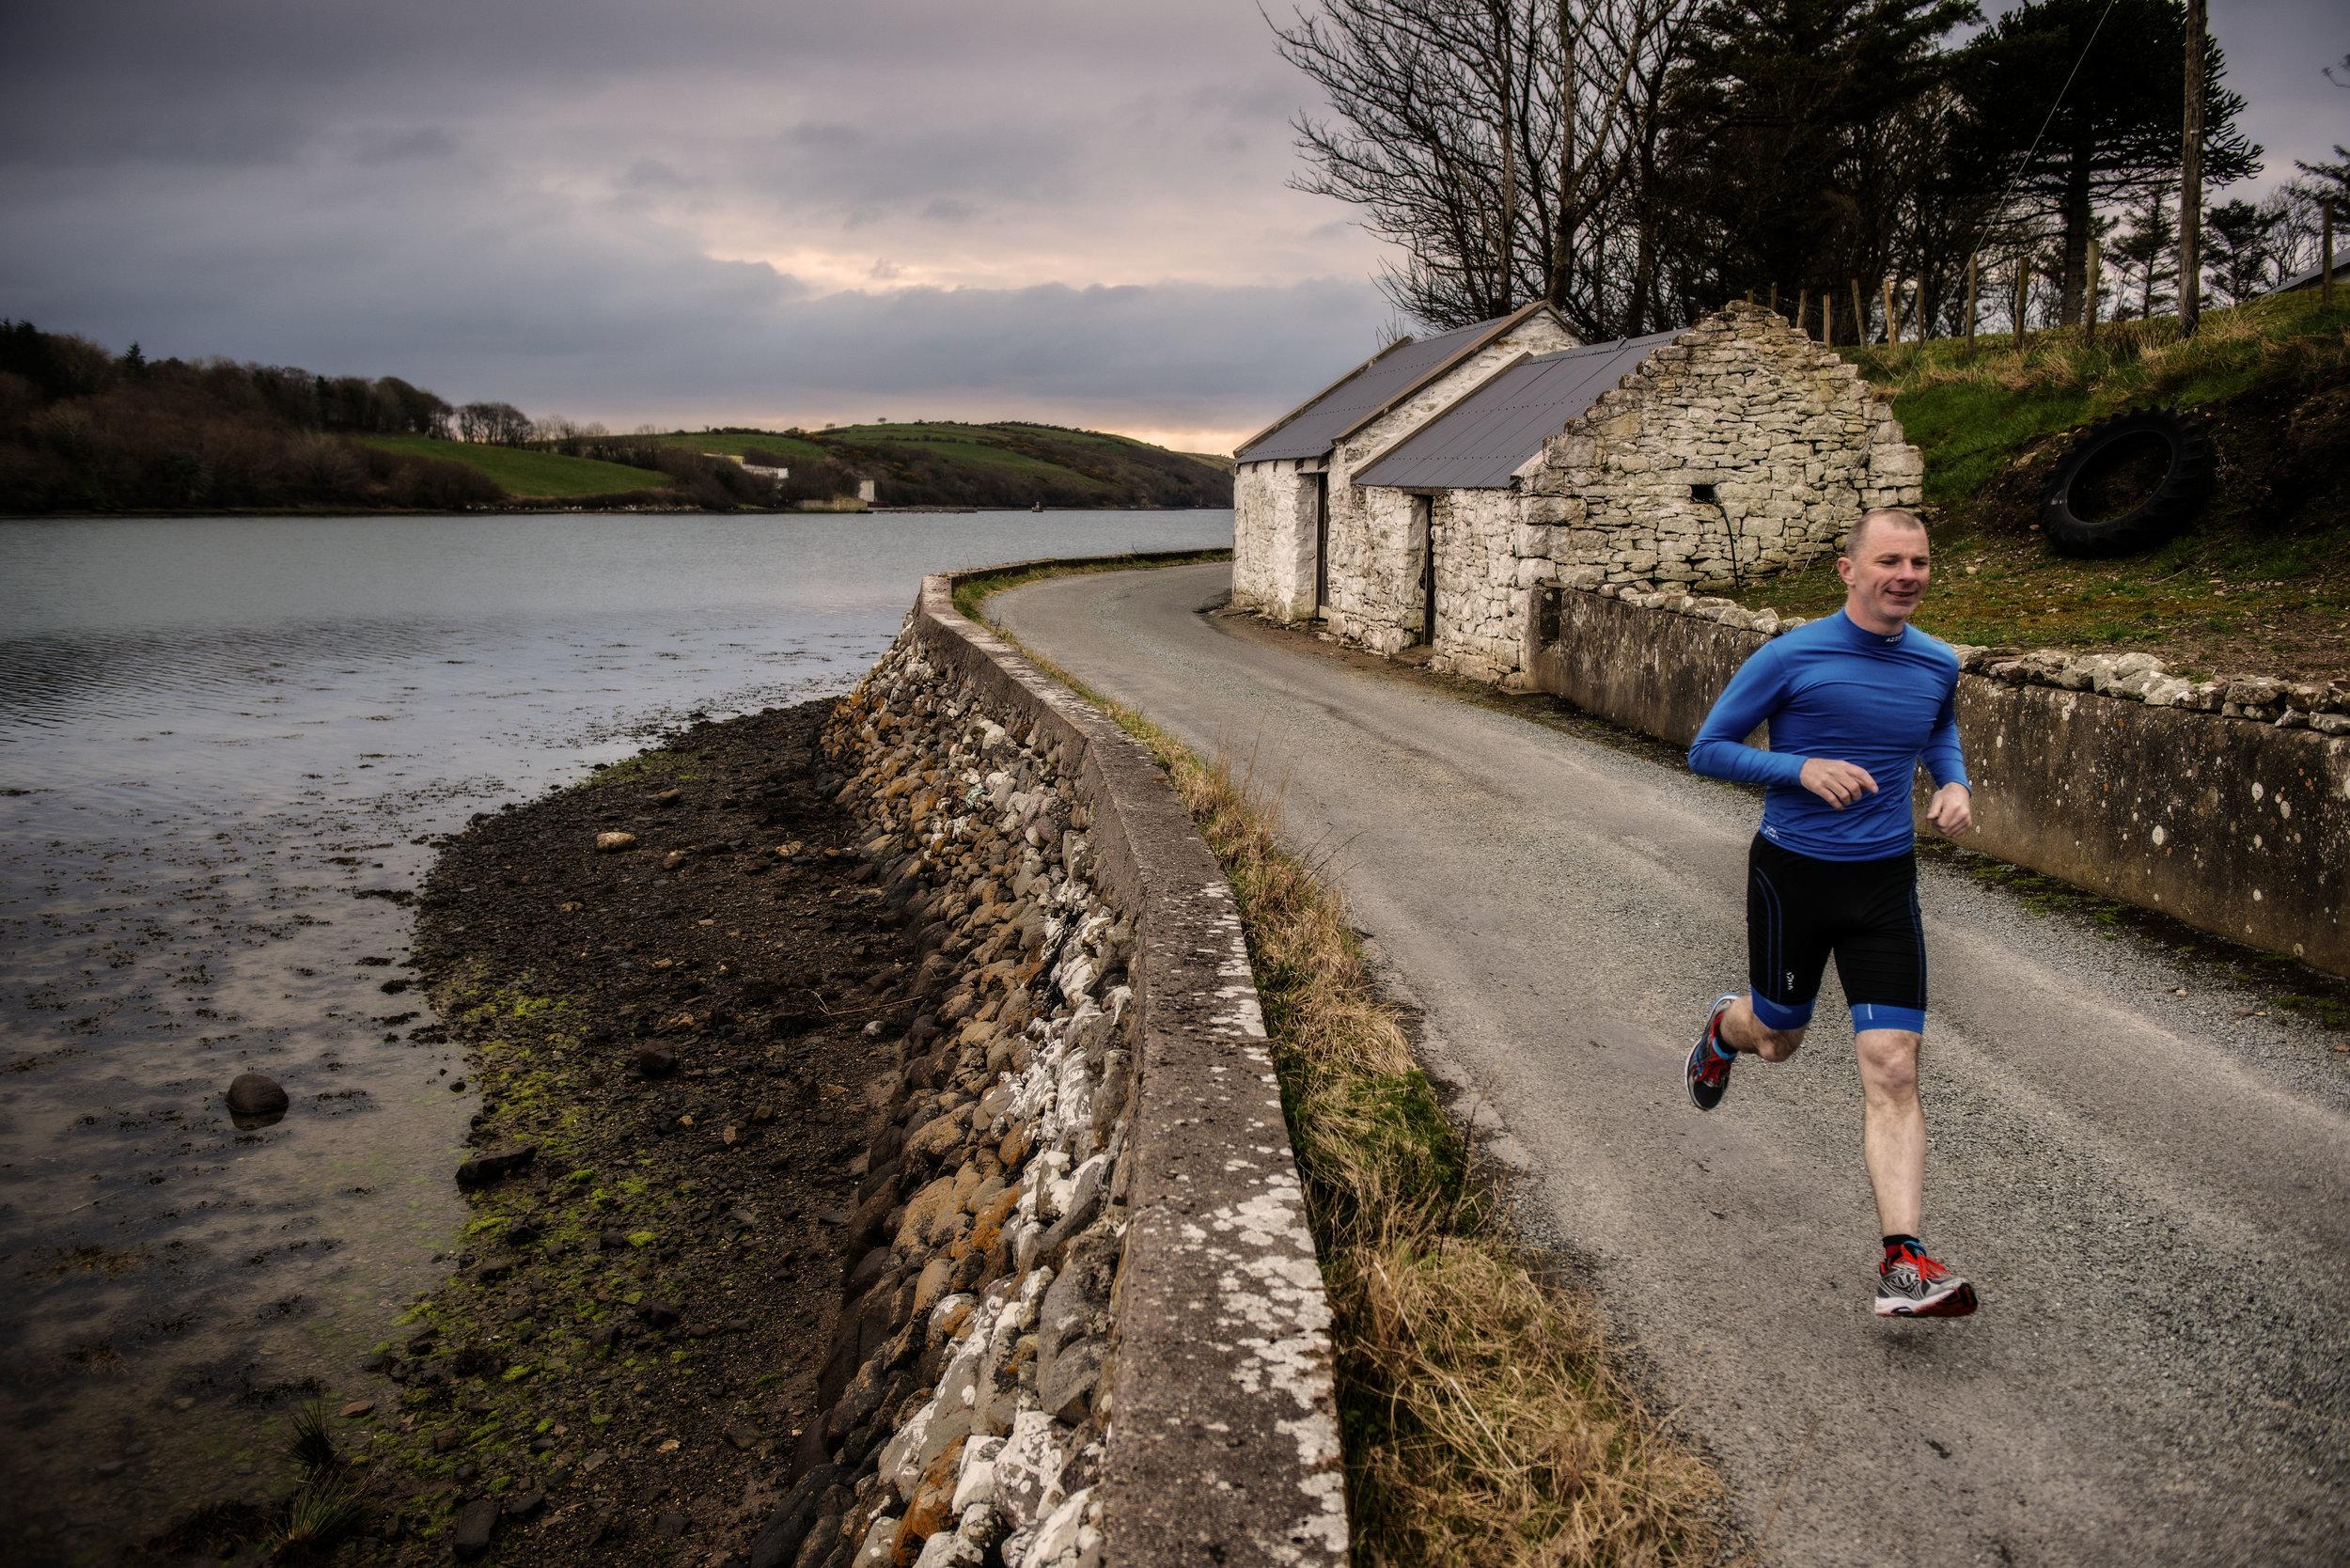 Mayo_Ireland_Photographer_Running.jpg